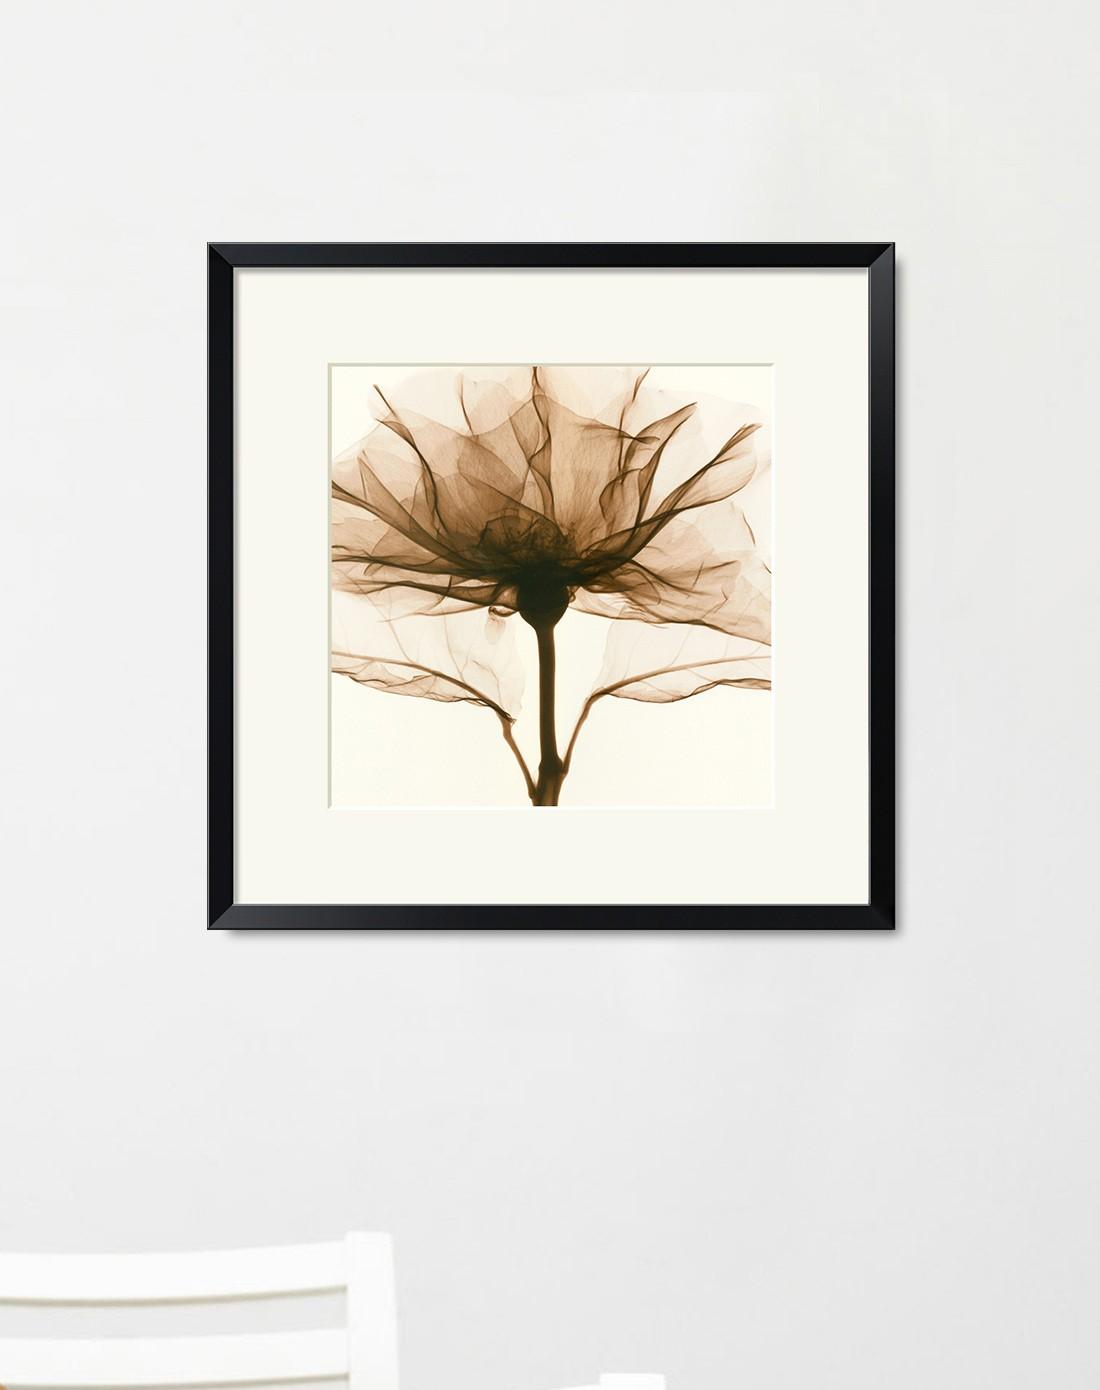 64*64cm黑框玫瑰现代简约客厅装饰画